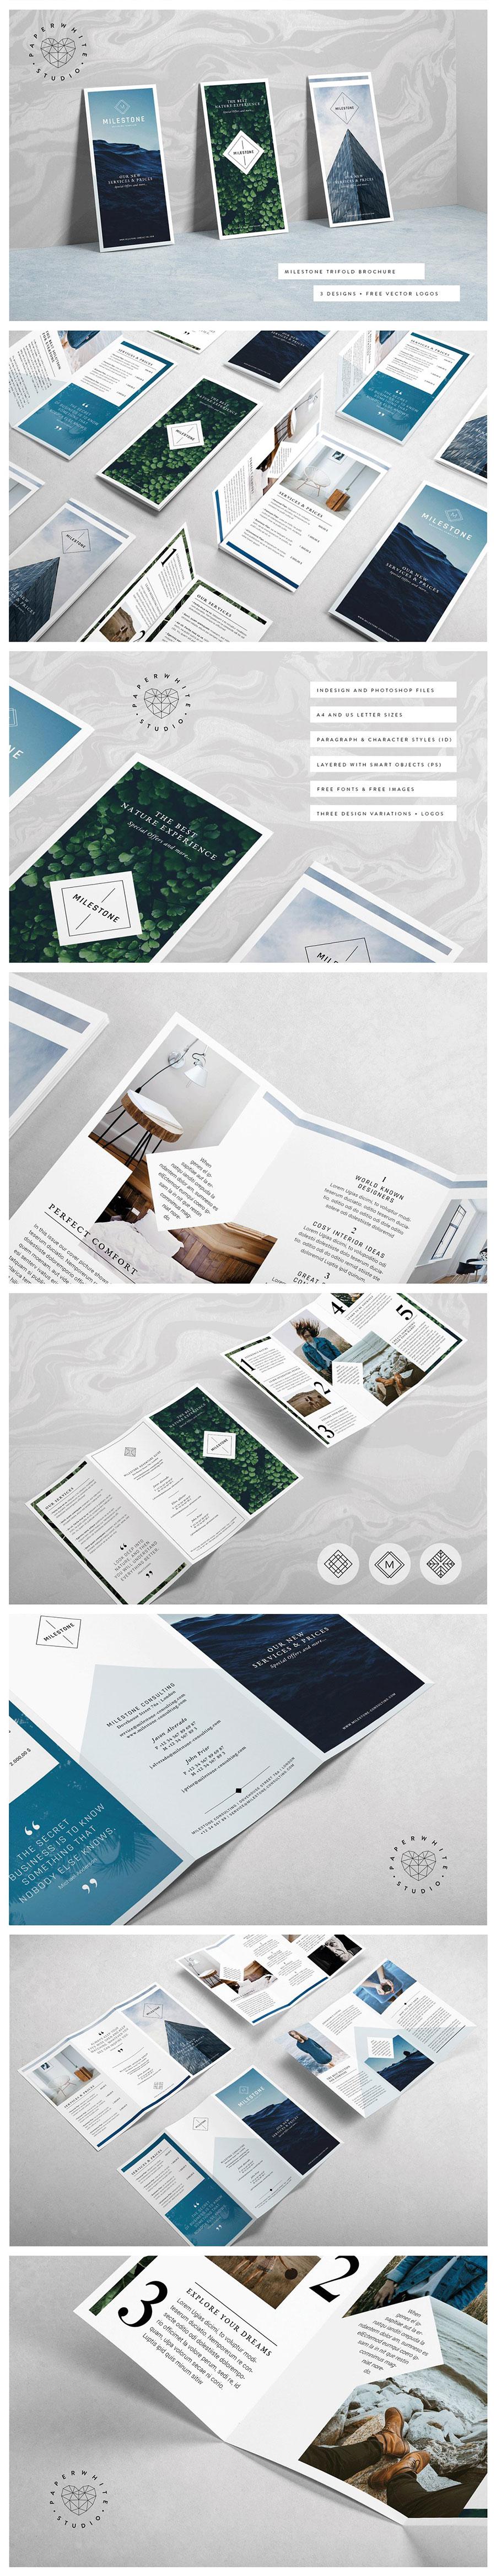 清新脱俗的折页宣传单DM模版下载[indd]设计素材模板